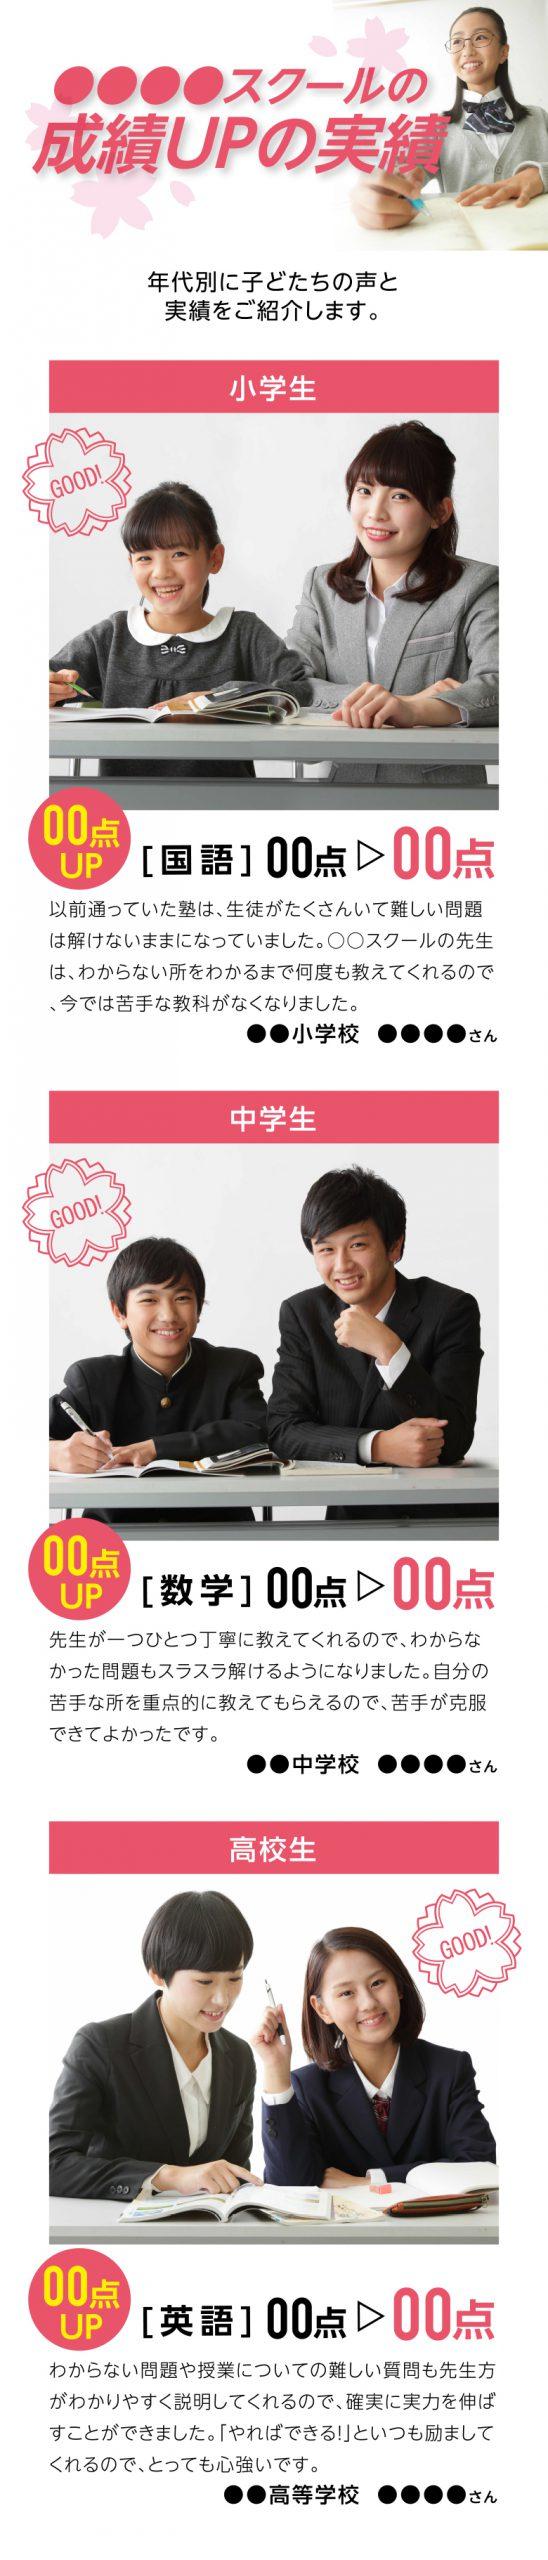 kds-case-20h-d-04